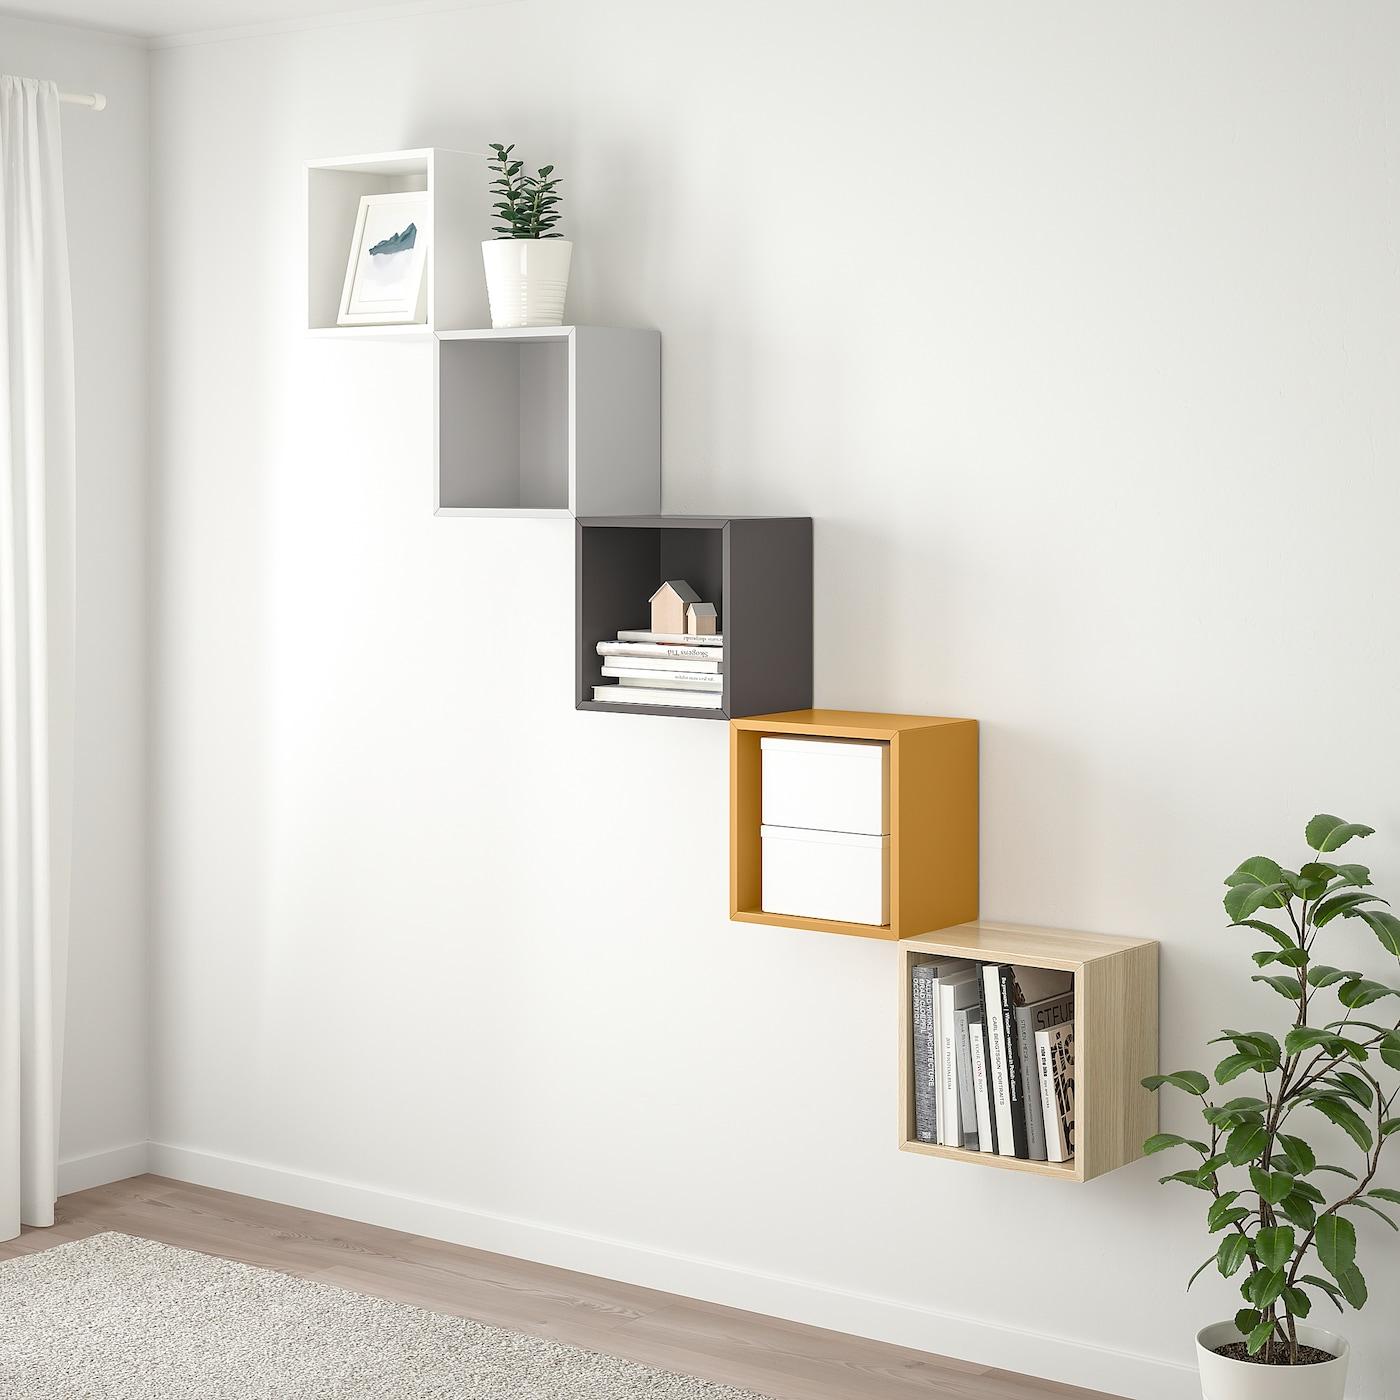 EKET Aufbewahrungskomb. wandmont. bunt 1 IKEA Österreich